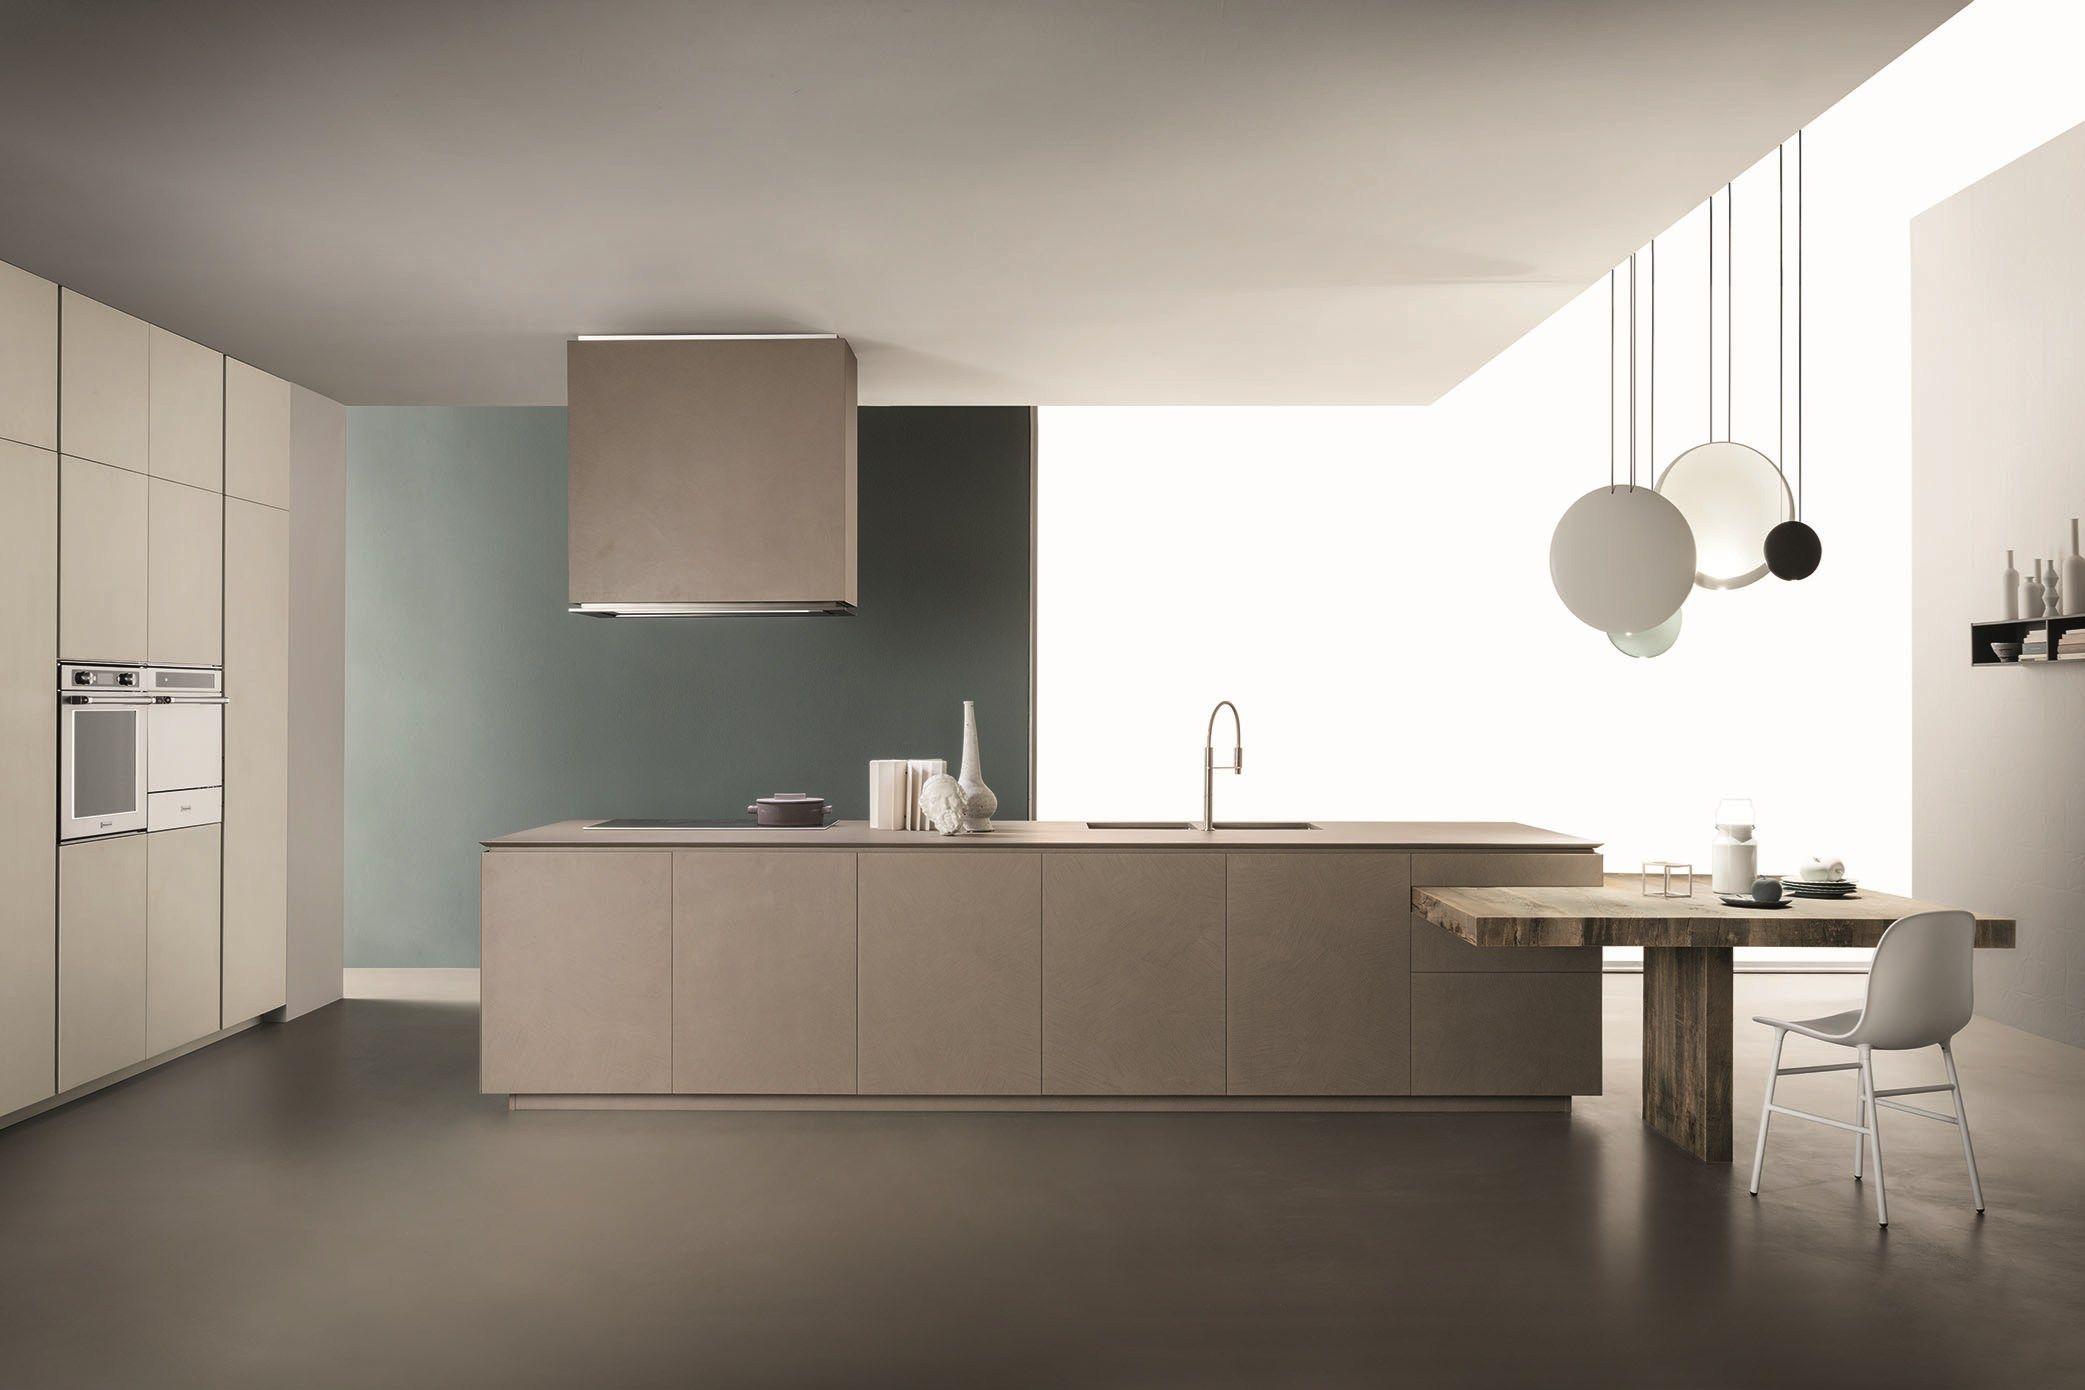 Cucina Obliqua By Ernestomeda Design R D Ernestomeda